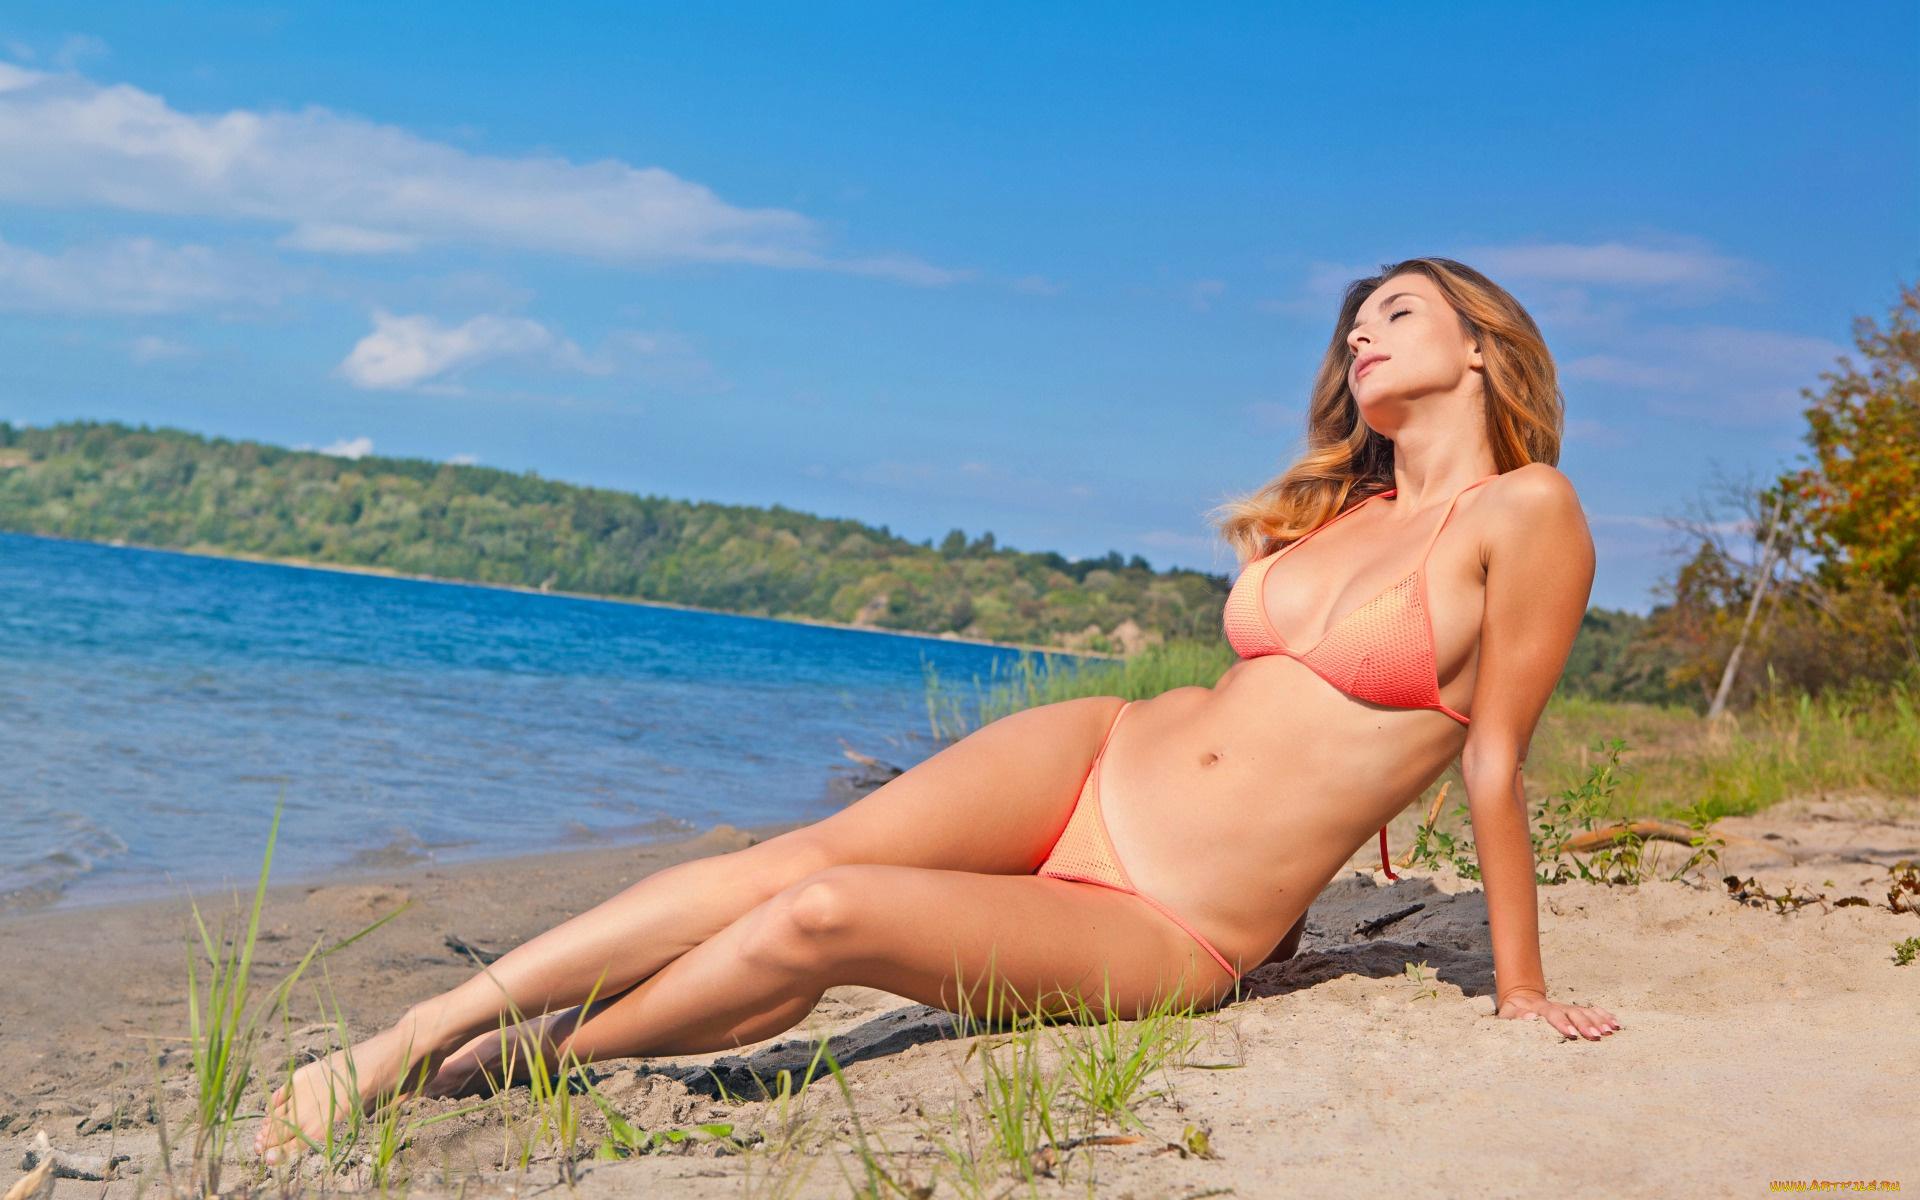 Eve free nude rapper video